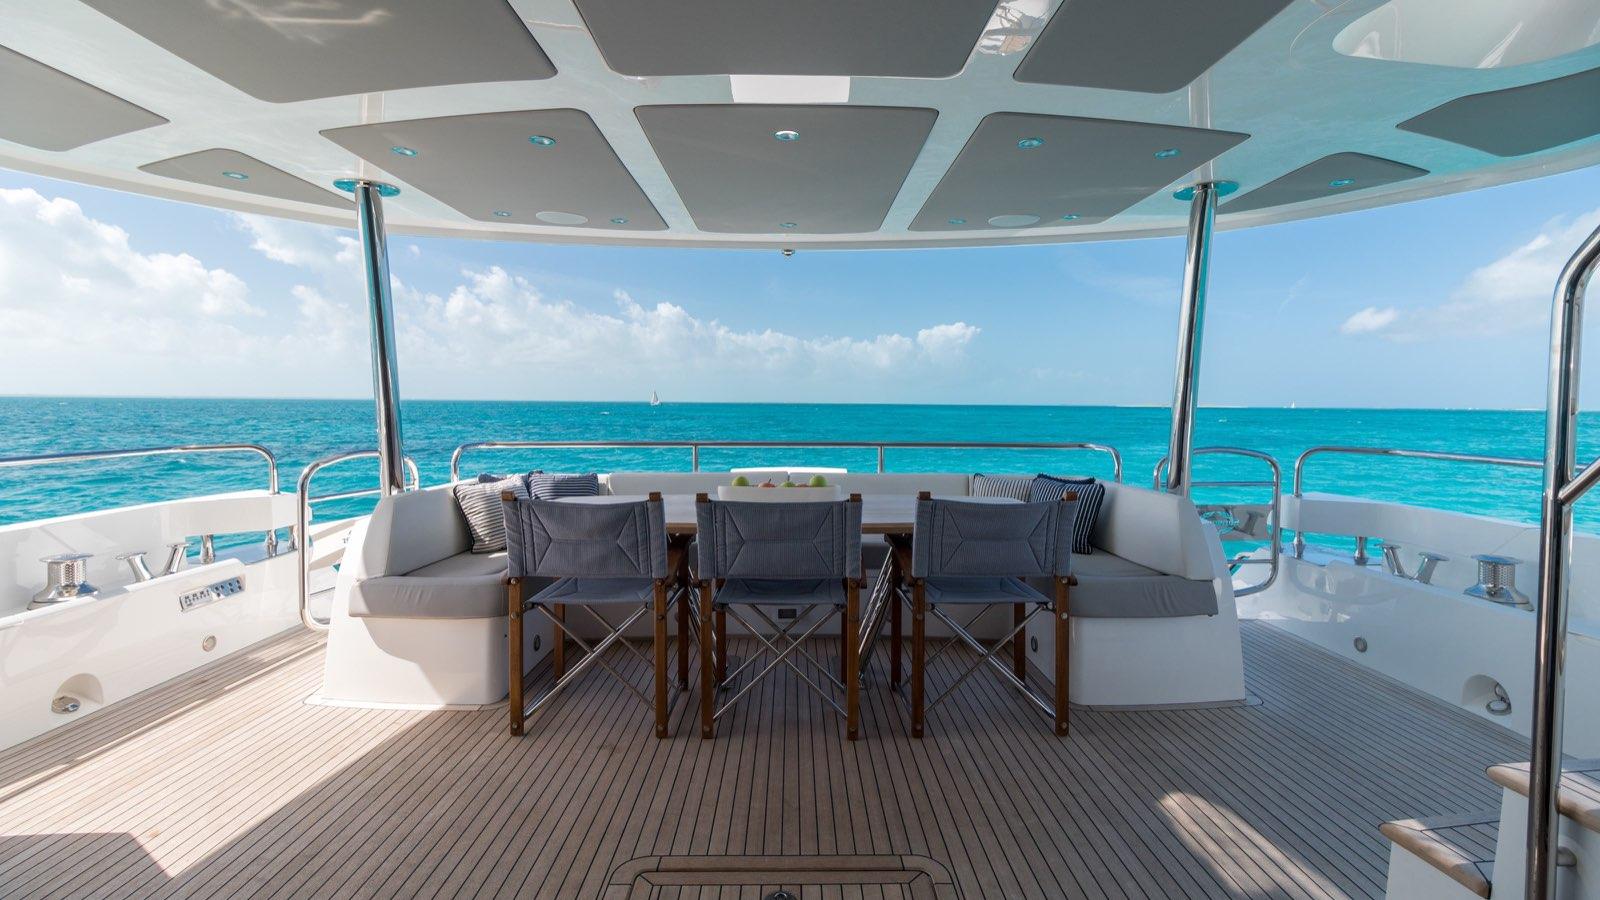 Enterprise_charter_yacht_iyc_main_deck_2jpeg.jpeg